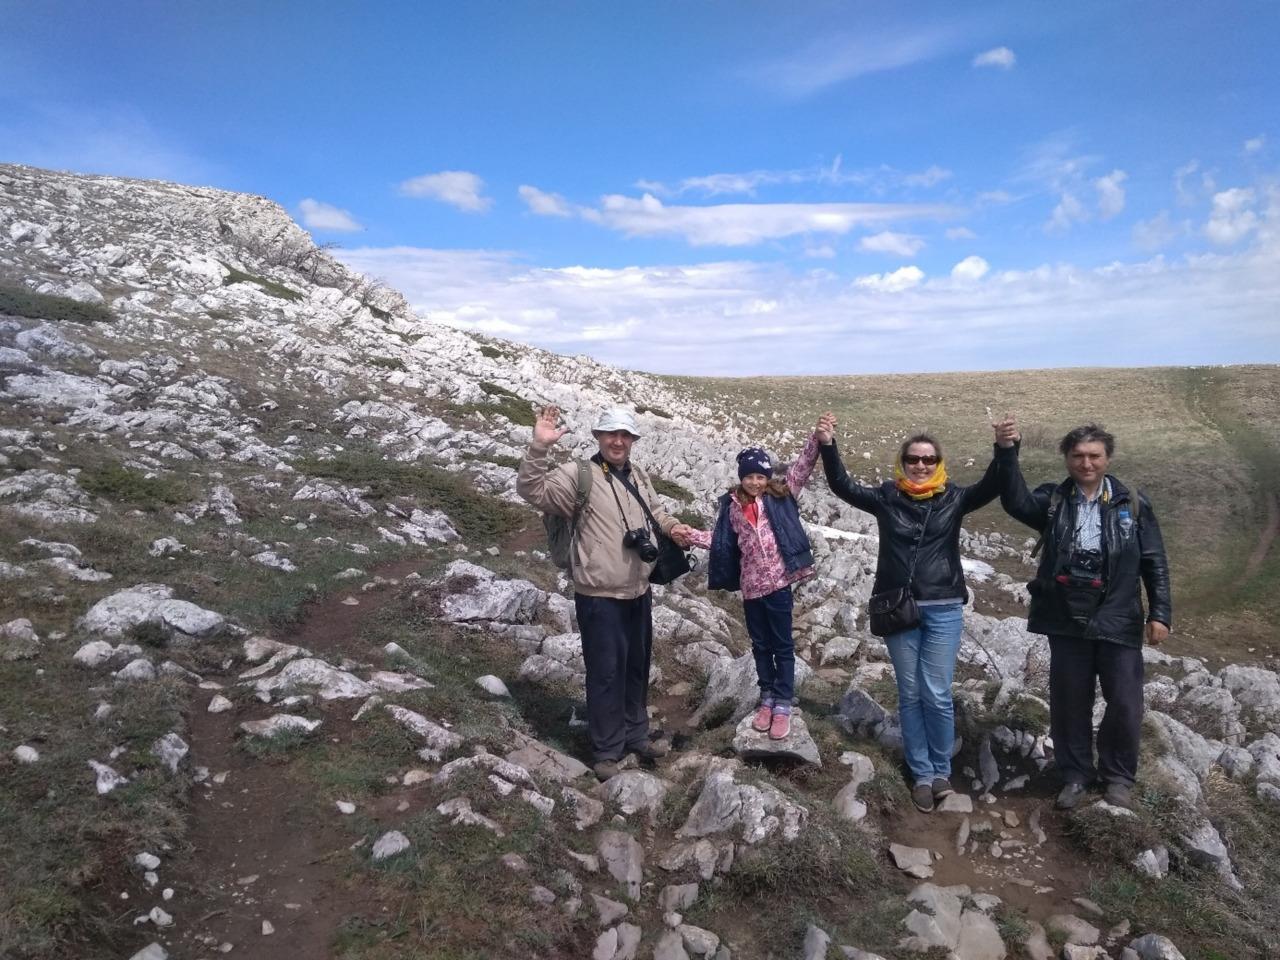 Треккинг на вершину Чатыр-Даг - индивидуальная экскурсия в Алуште от опытного гида